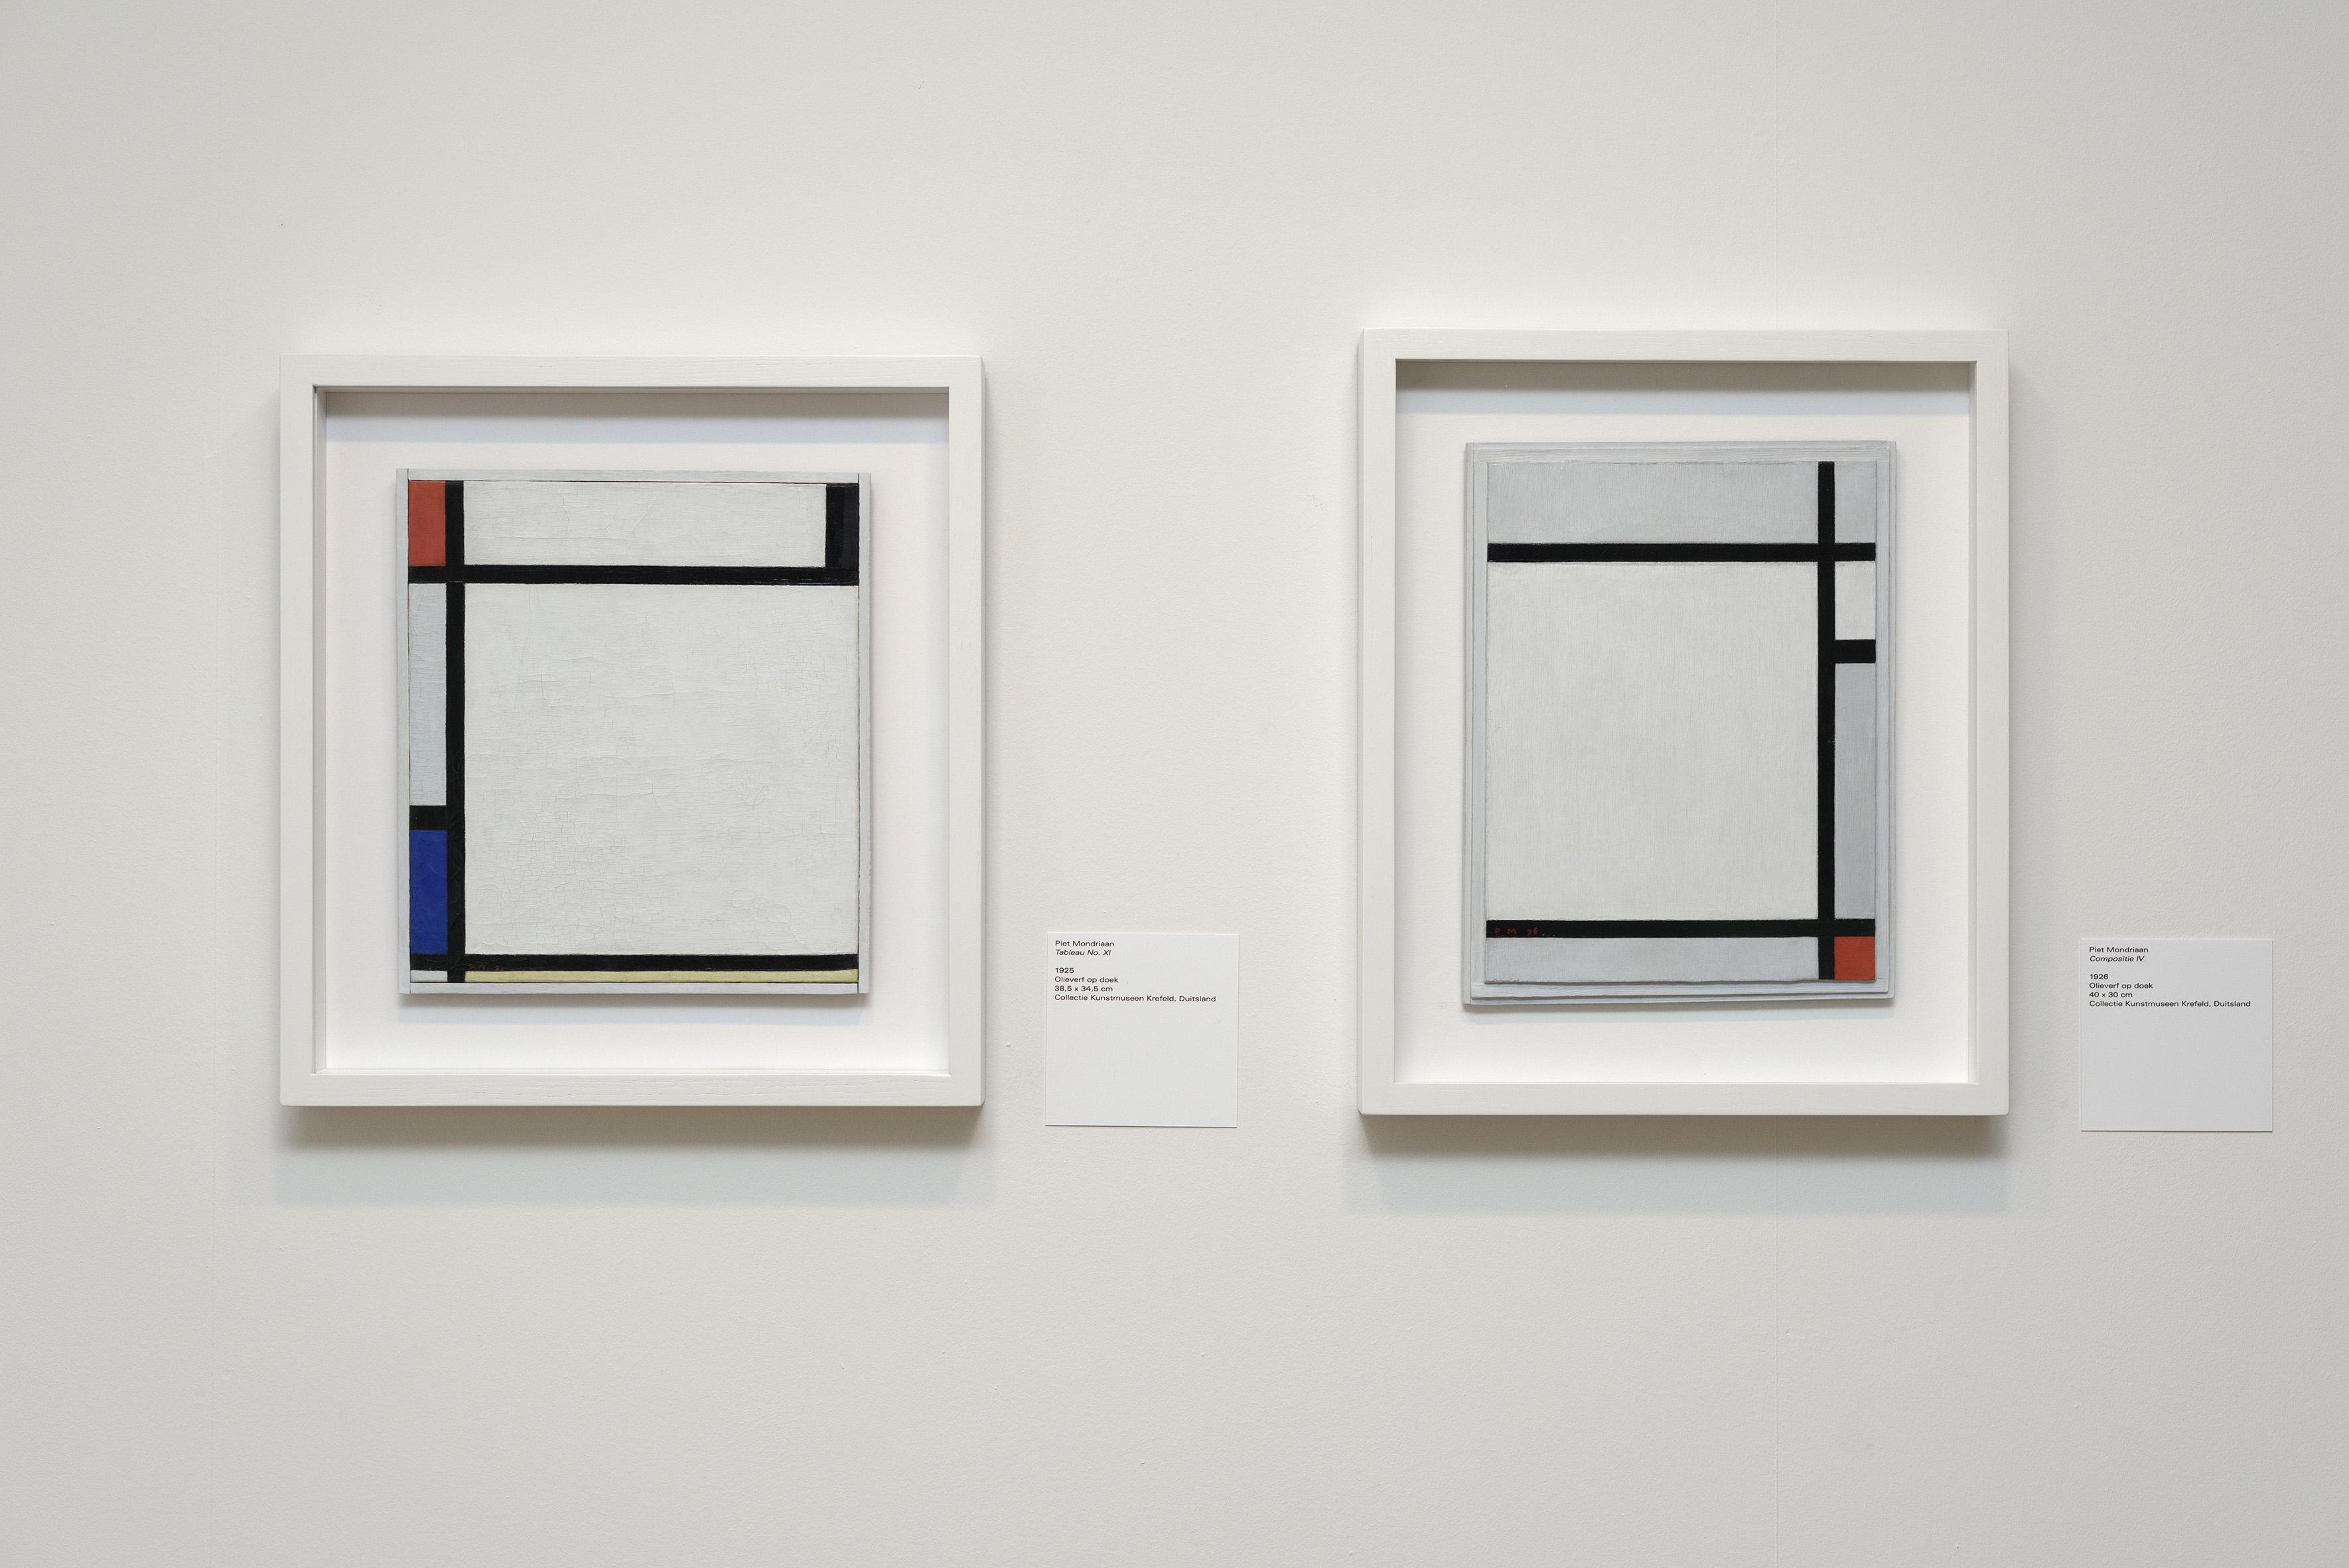 Zaaloverzicht De kleuren van De Stijl met werken Piet Mondriaan